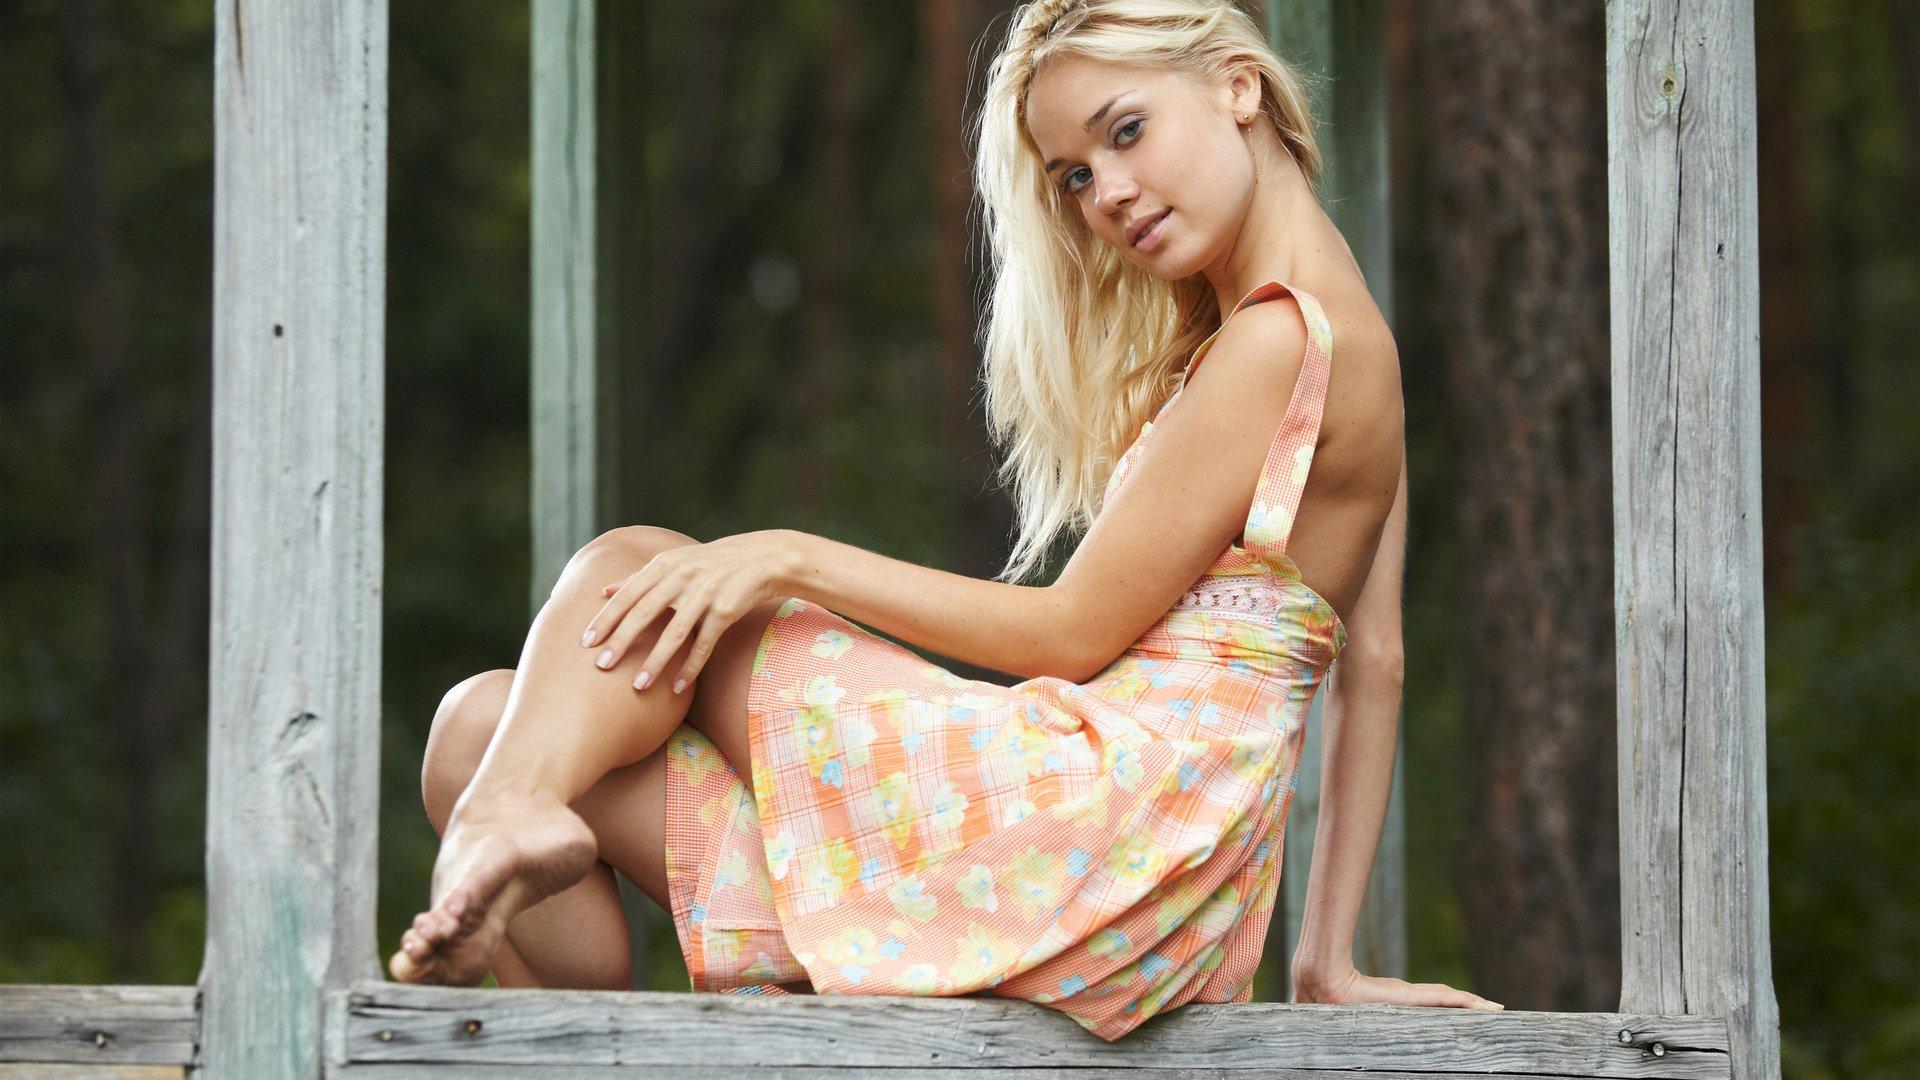 Фото галереи голых девочек, фото красивых девушек (100 фото) 1 фотография